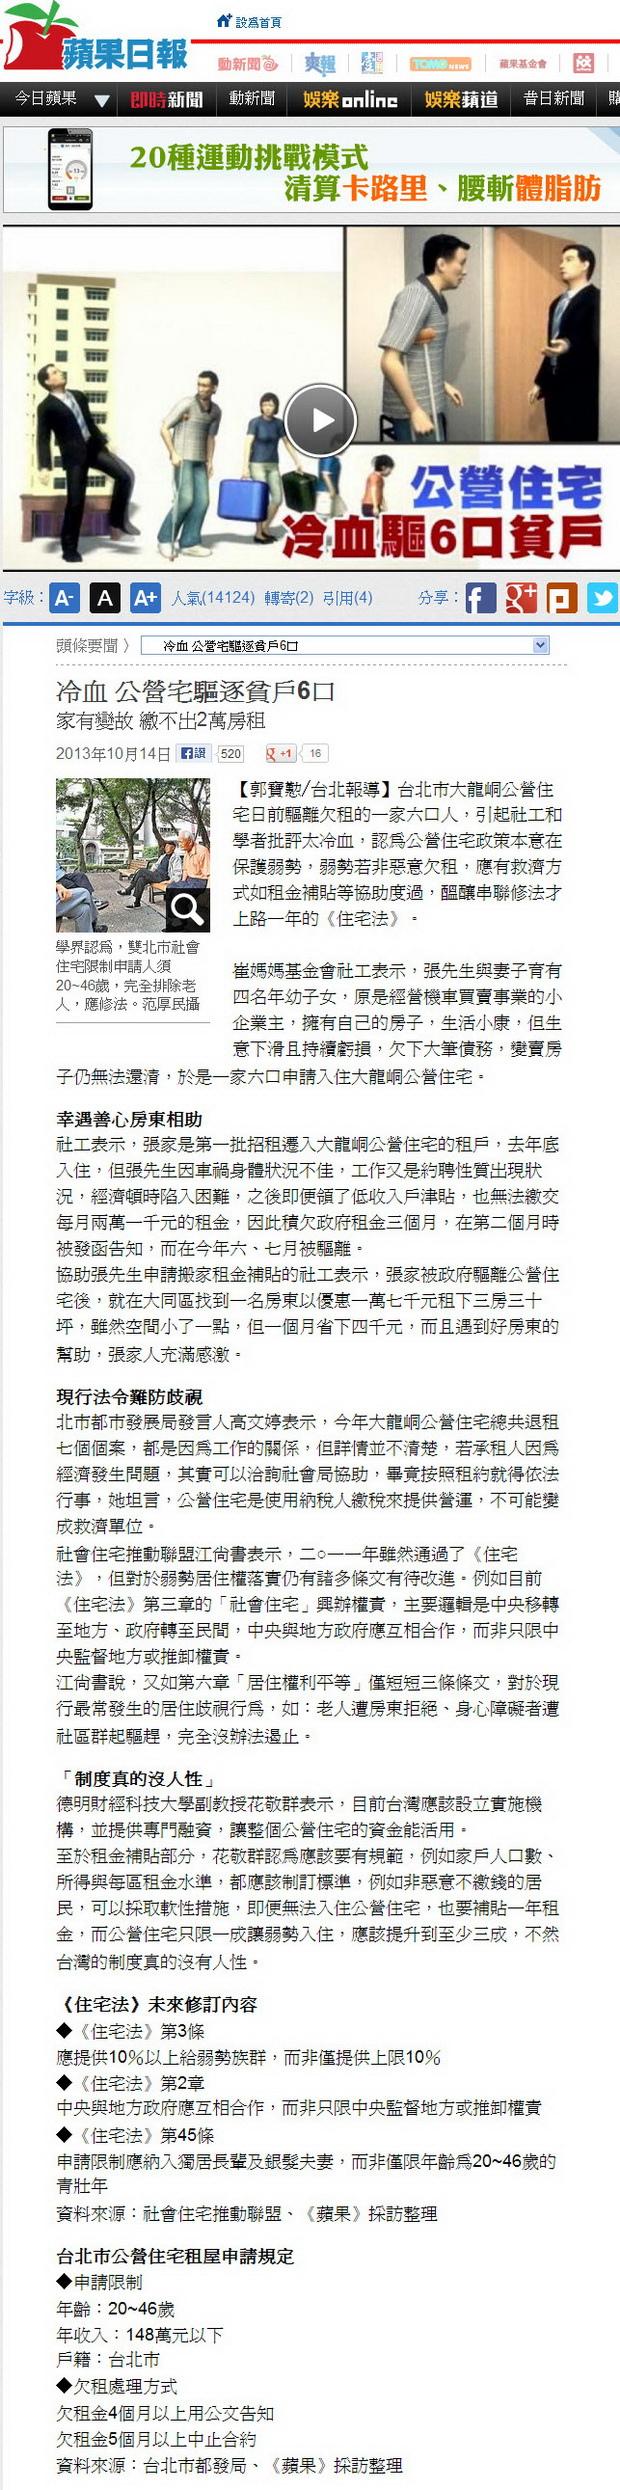 冷血 公營宅驅逐貧戶6口-2013.10.14-1.jpg